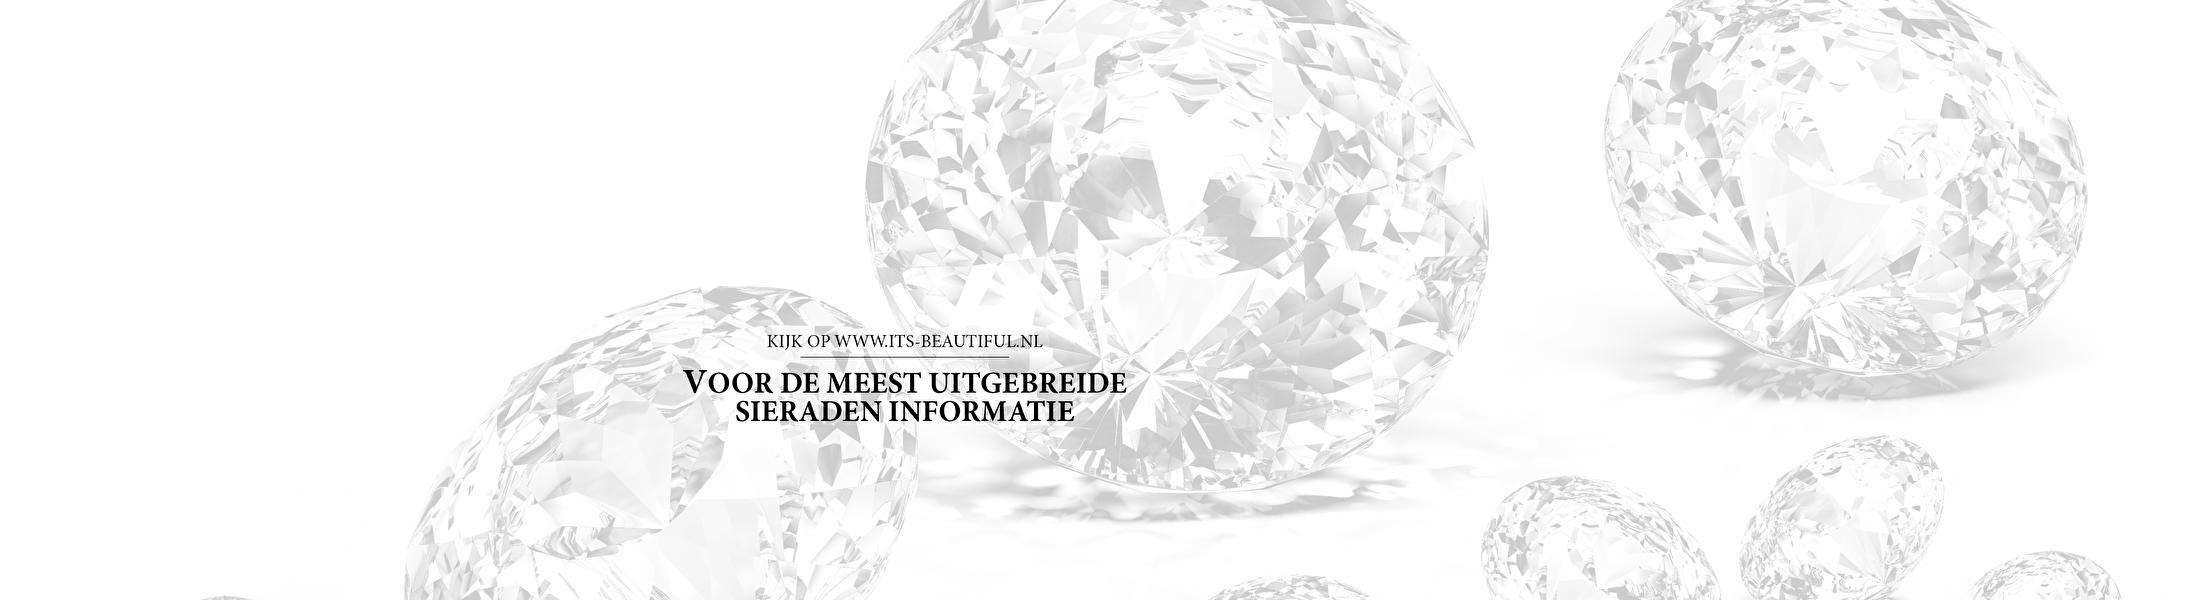 Kijk op www.its-beautiful.nl voor de meest uitgebreide sieraden informatie